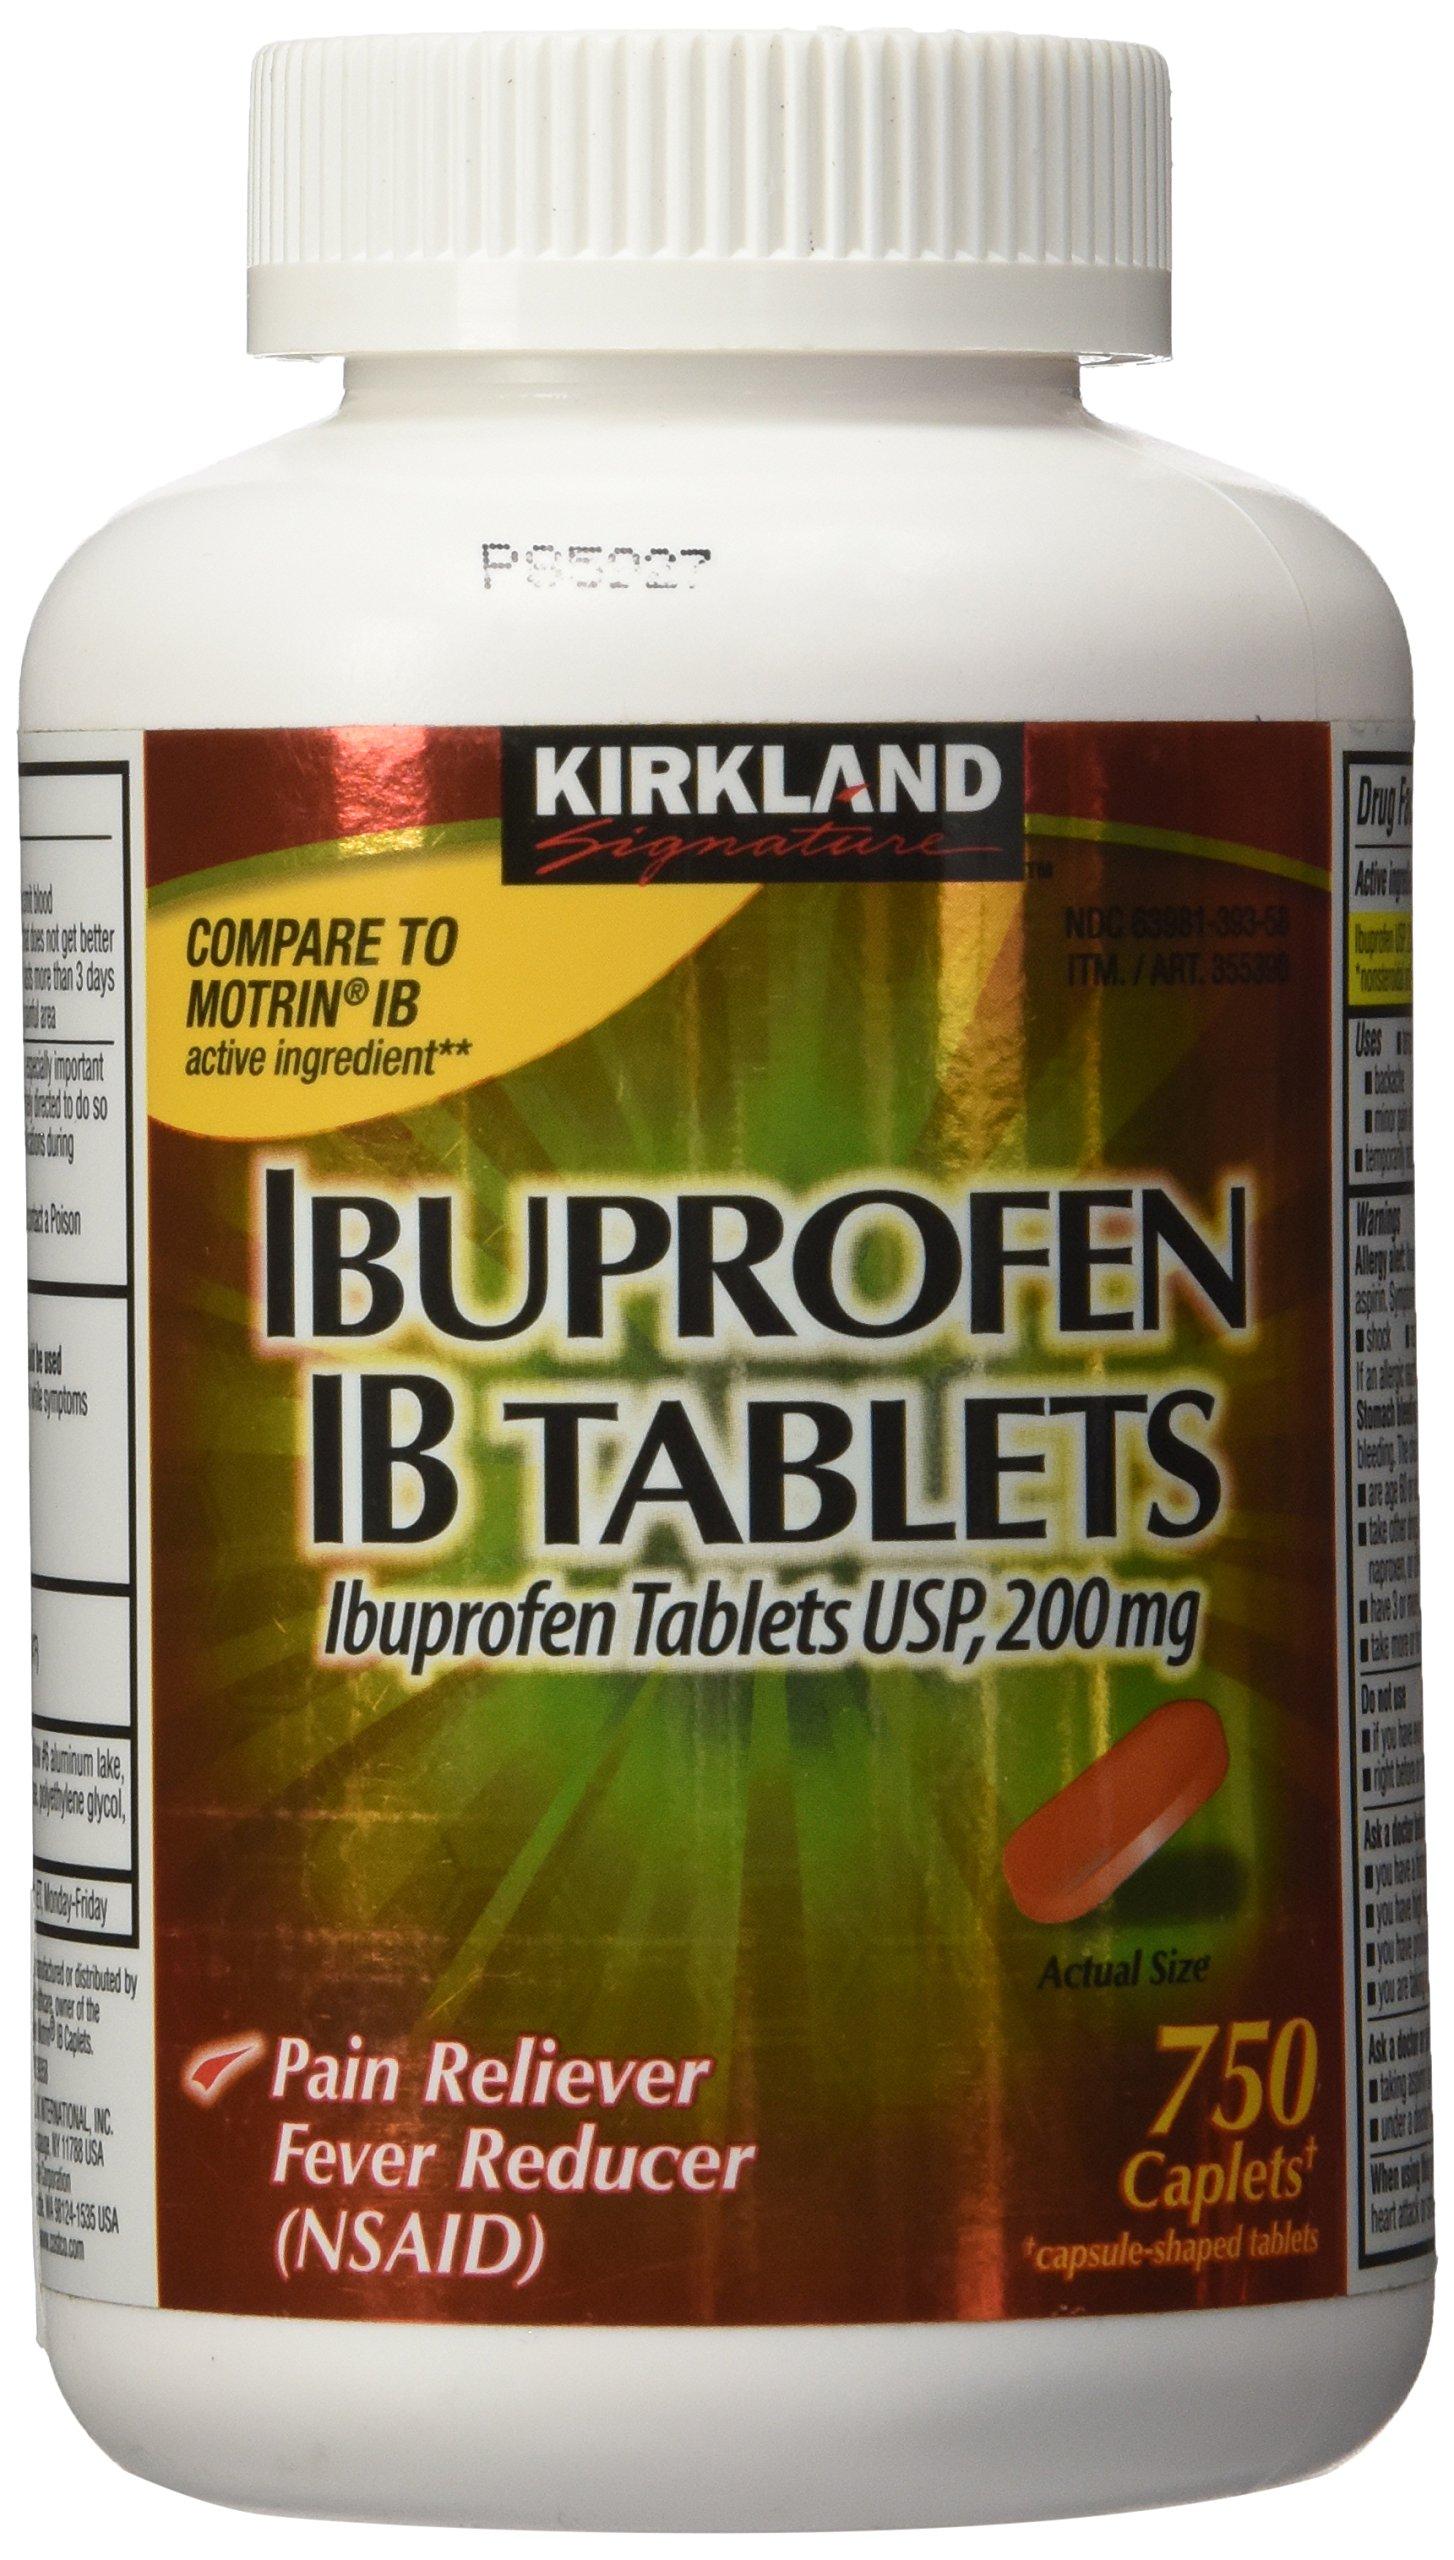 Kirkland Signature Ibuprofen IB 200mg 750caplets